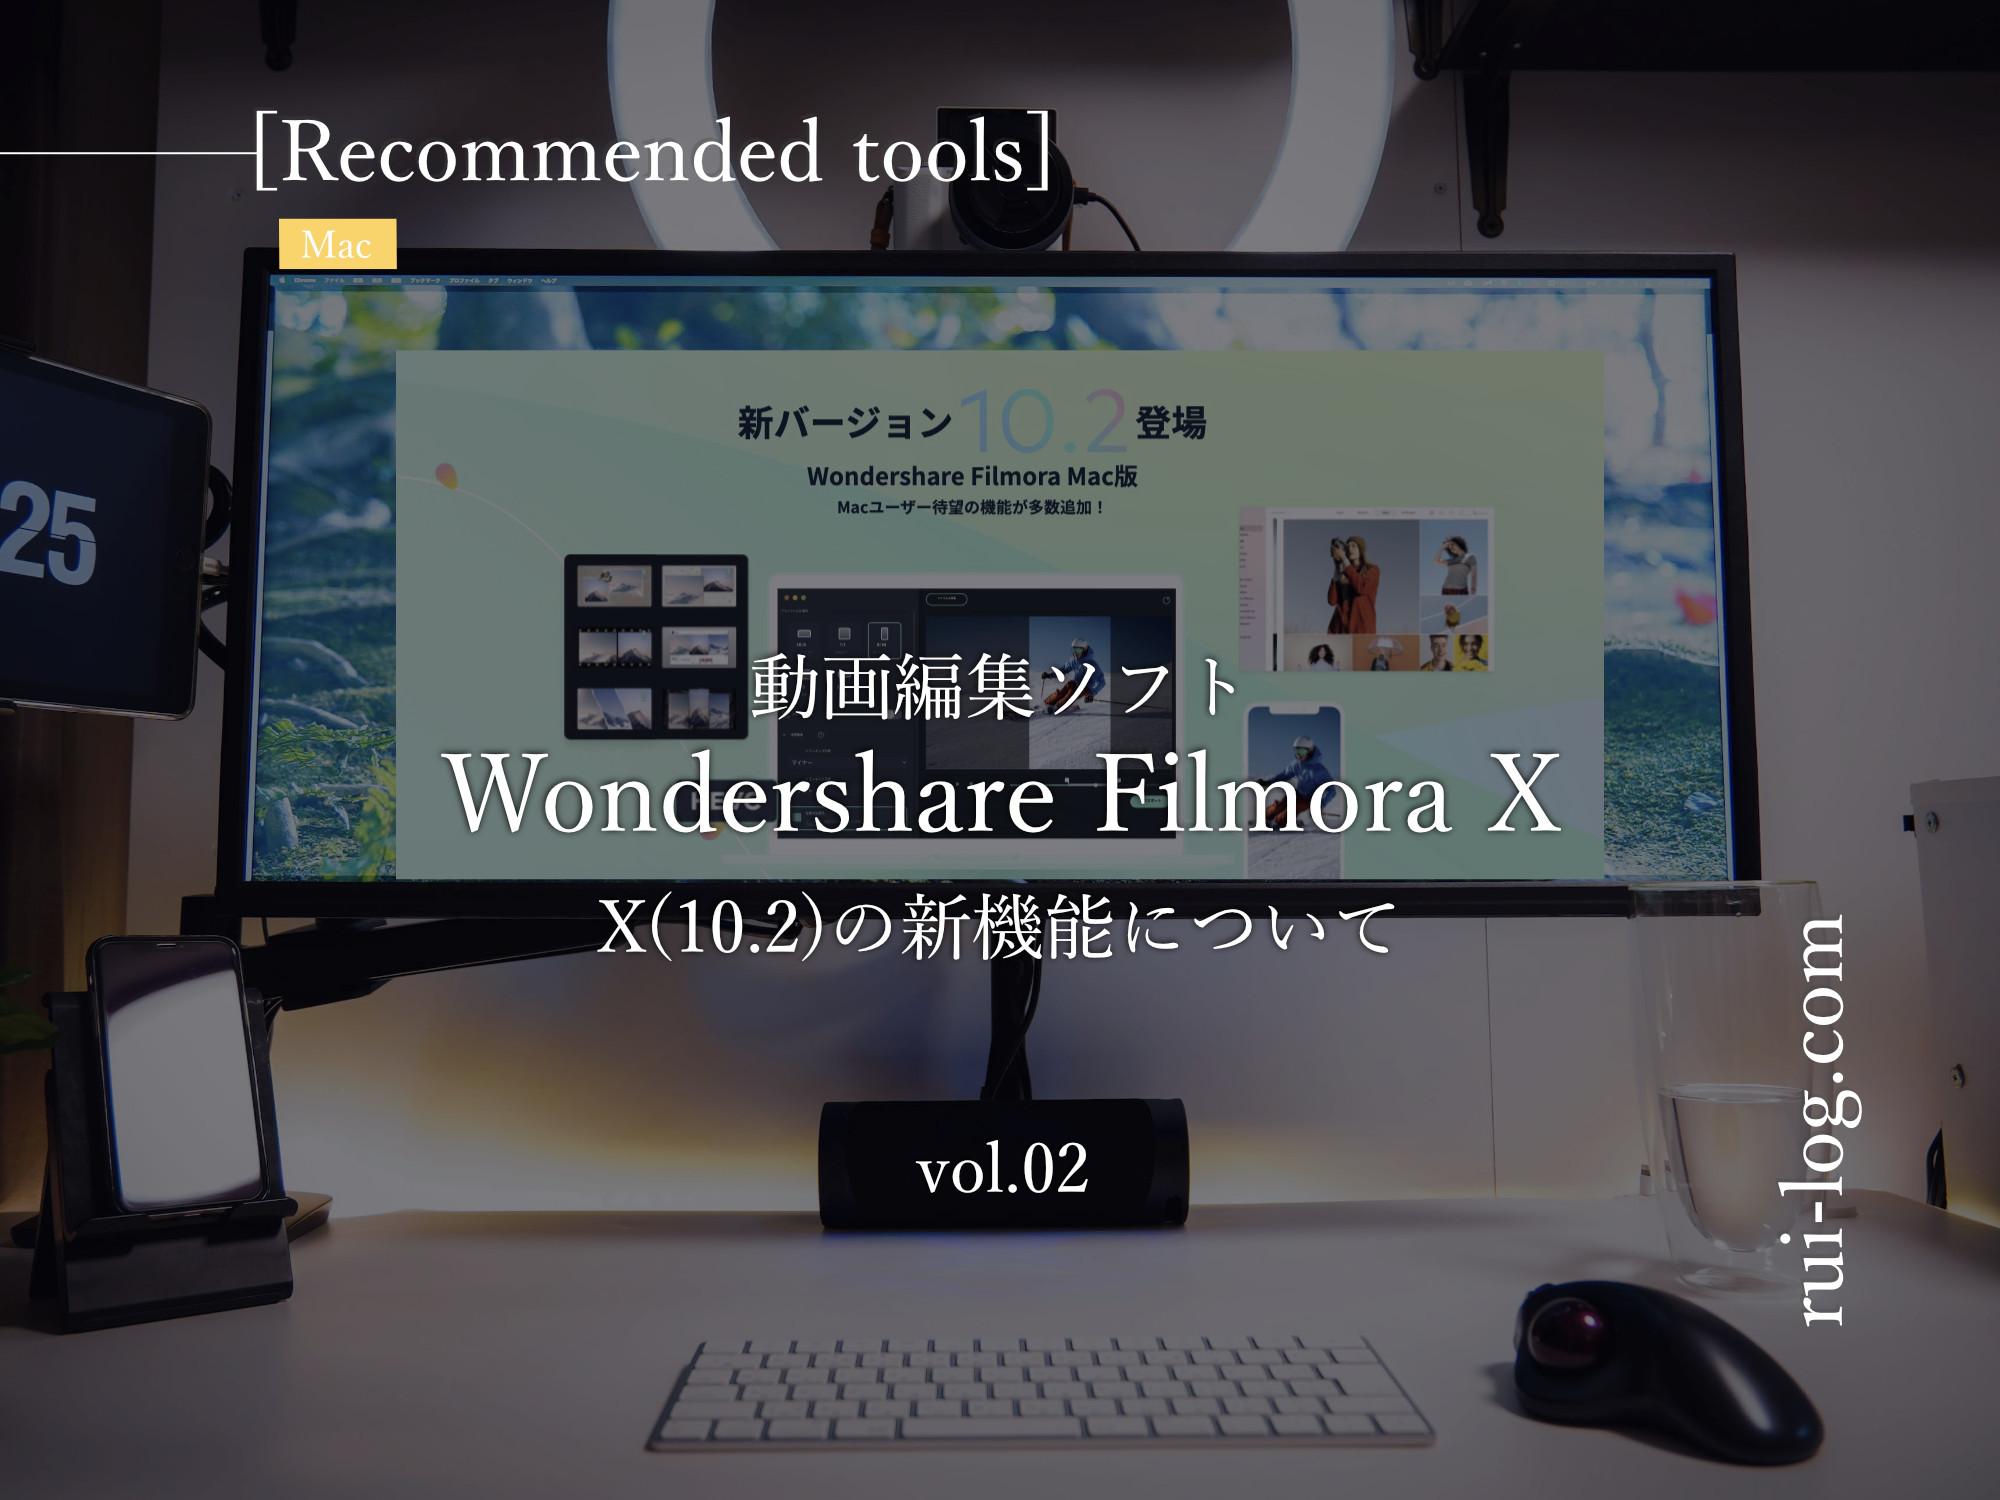 動画編集ソフトWondershare Filmore X(10.2) Mac版の新機能について